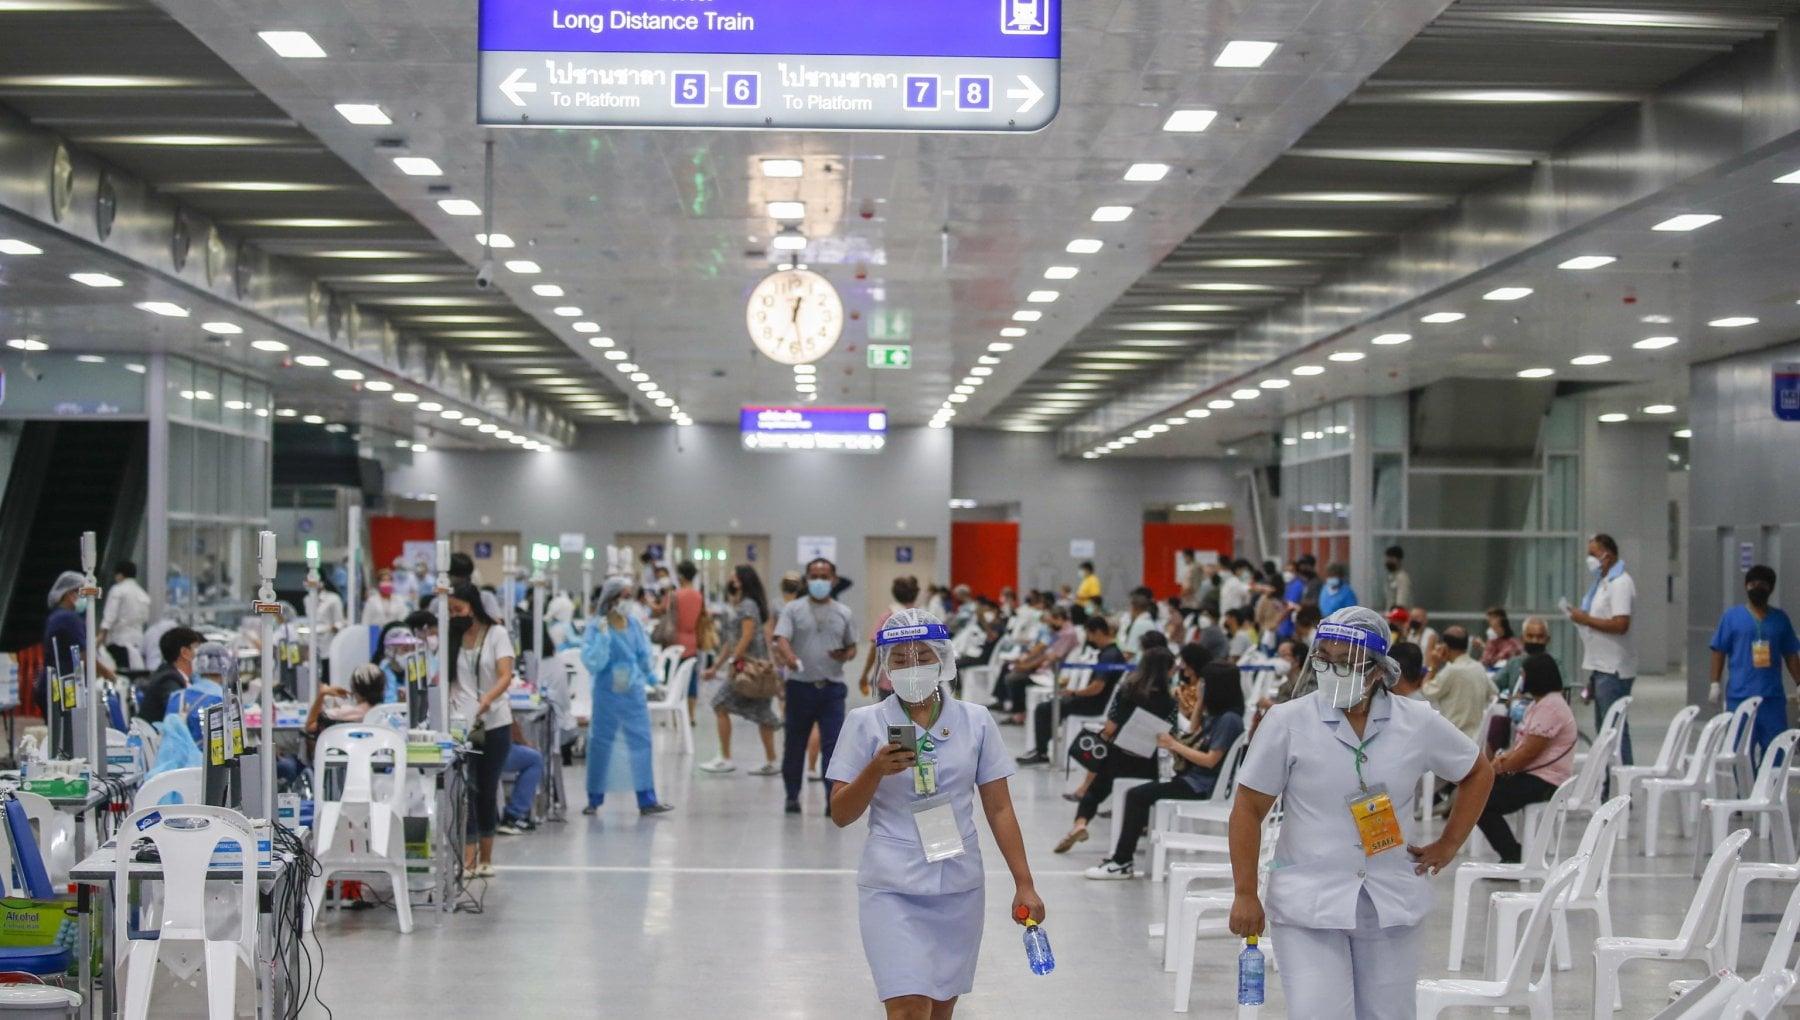 133249022 f2179e14 90c2 4c0c 9010 030f4e5a9525 - Thailandia, la rivolta dei medici contro il governo: mancano test e vaccini, il paese verso il disastro